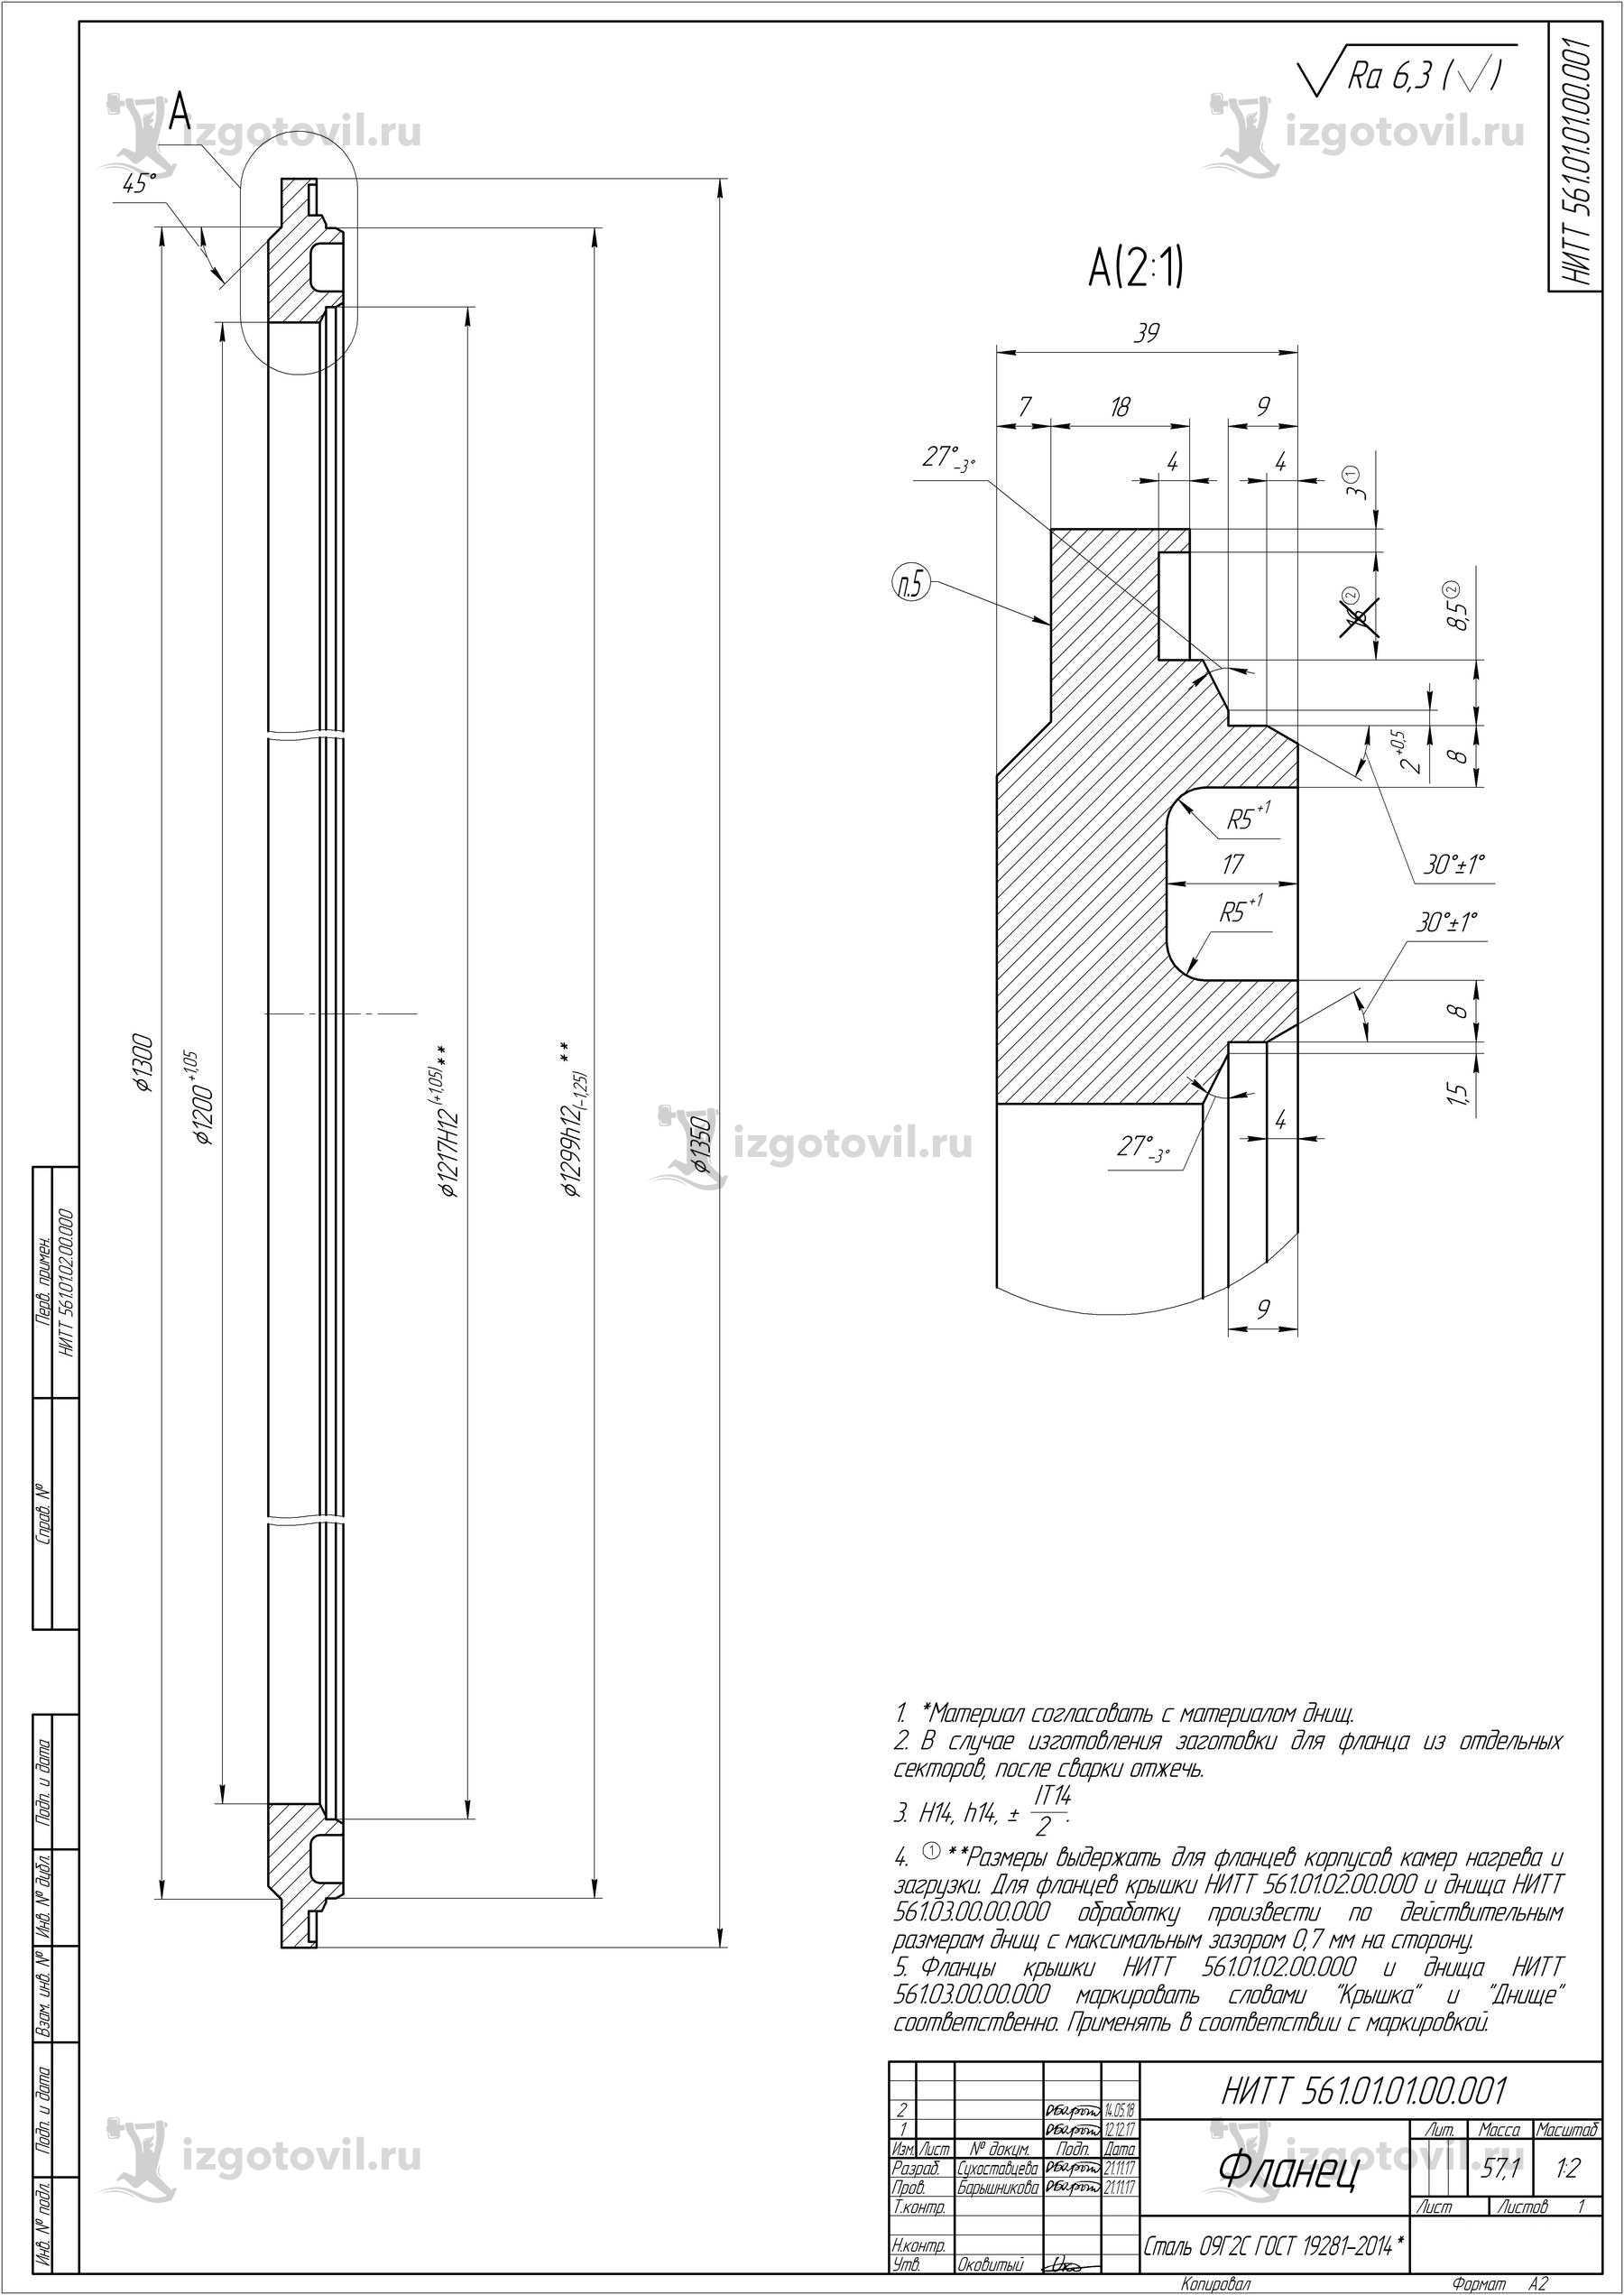 Изготовление деталей оборудования (фланец).